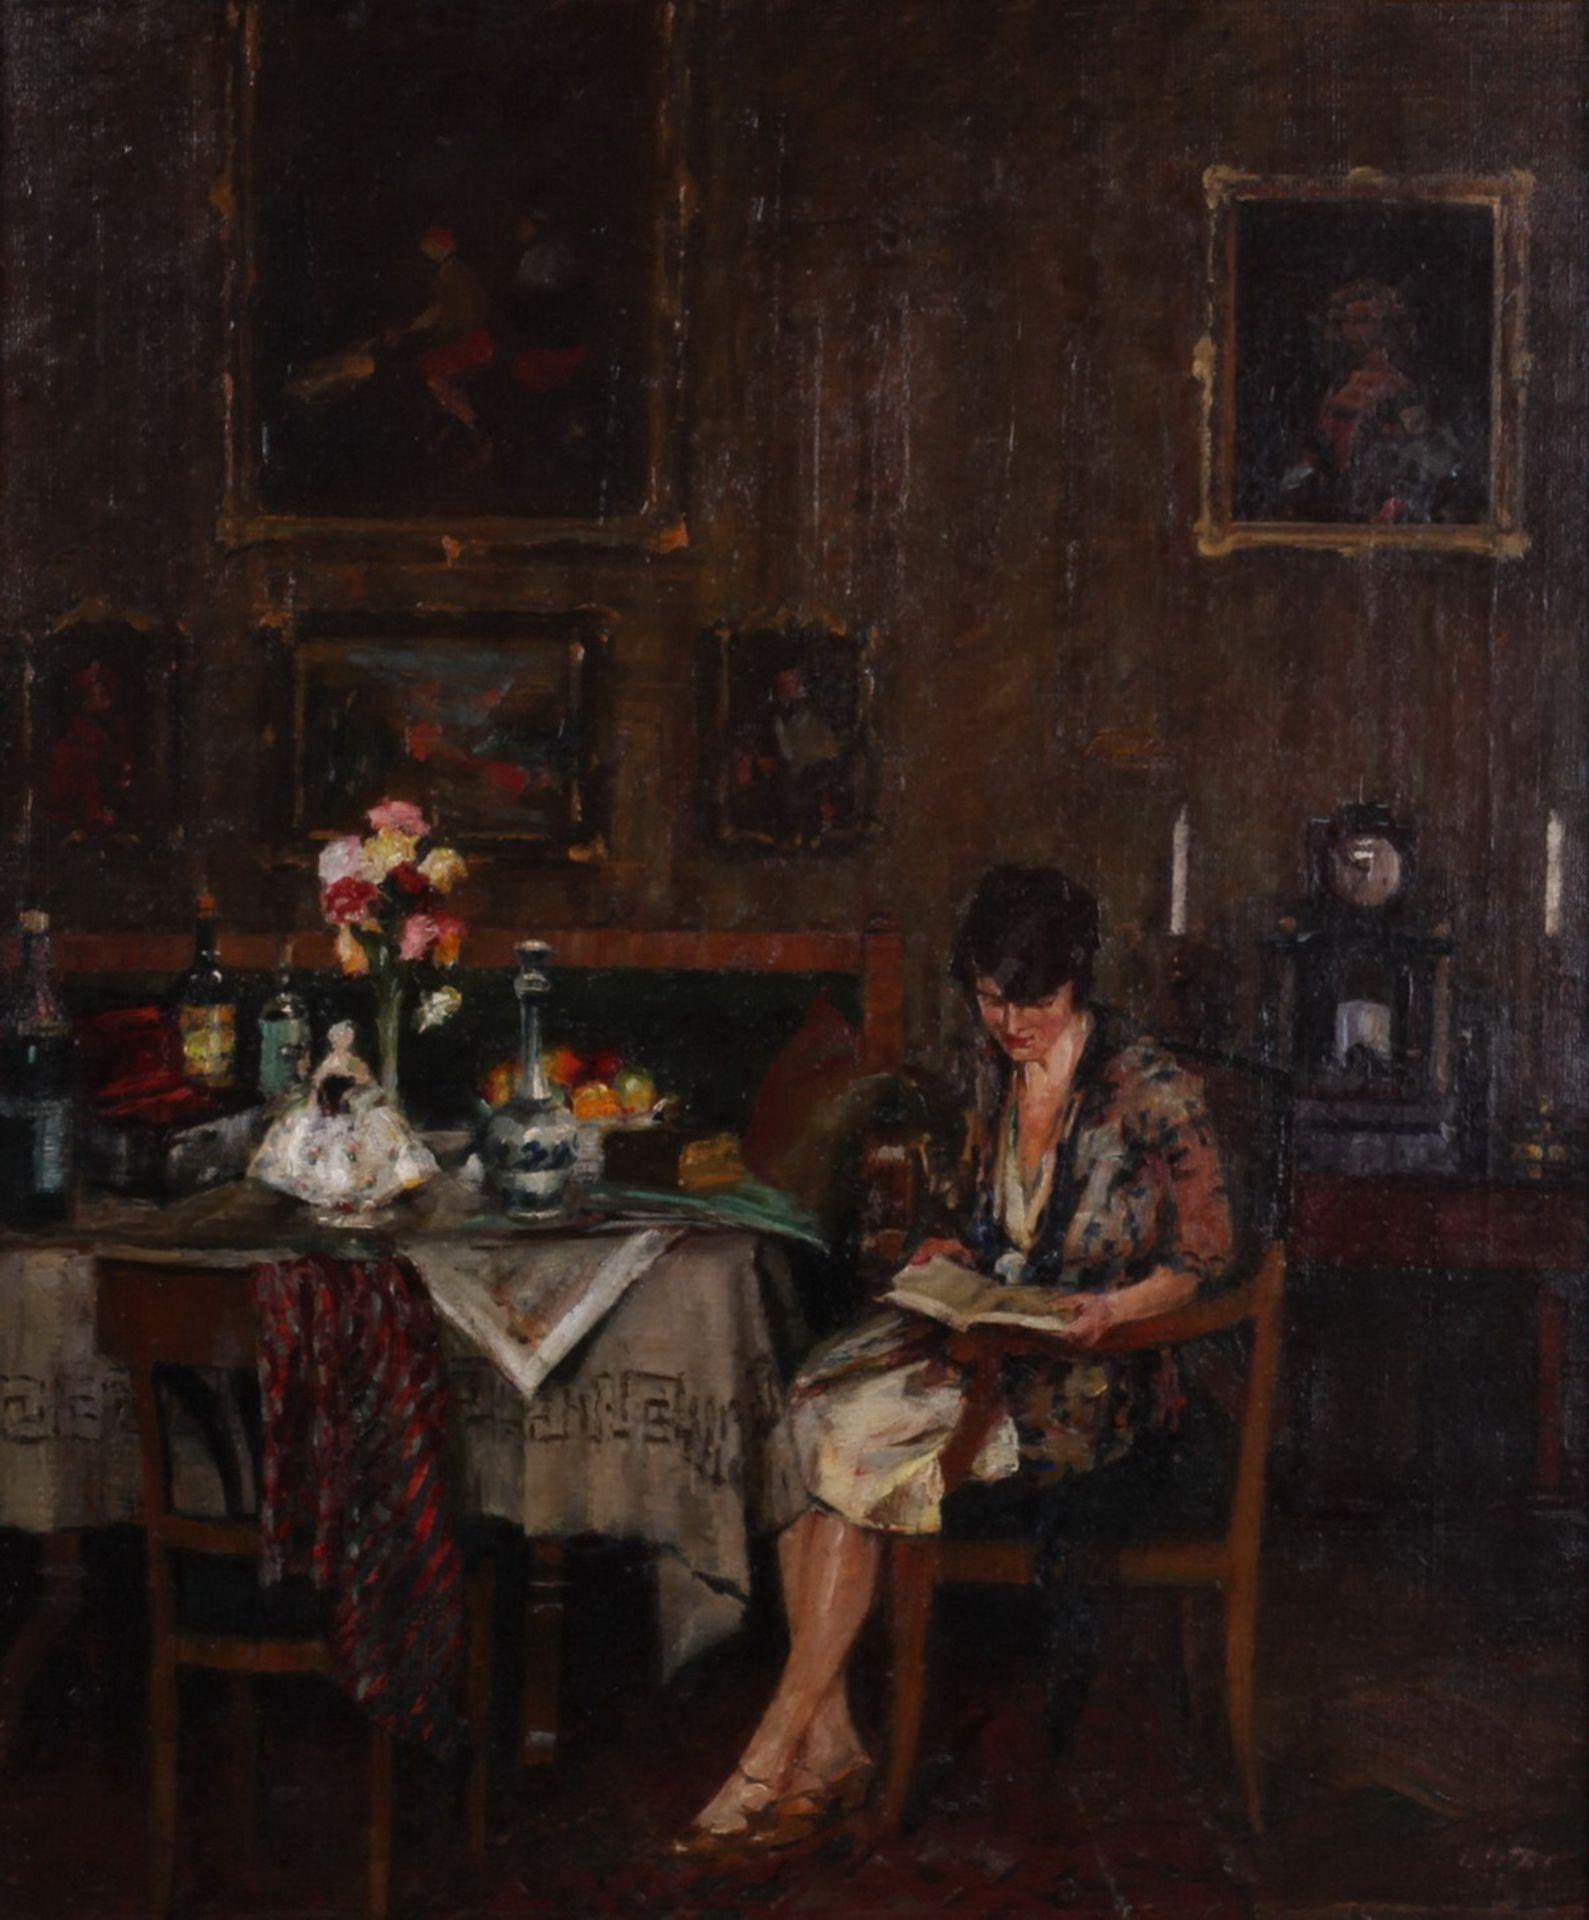 Charles Vetter (1858-1936). Genre scene in the living room. 1930. <br>Oil on canvas. 61x51 cm. Frame - Bild 2 aus 3